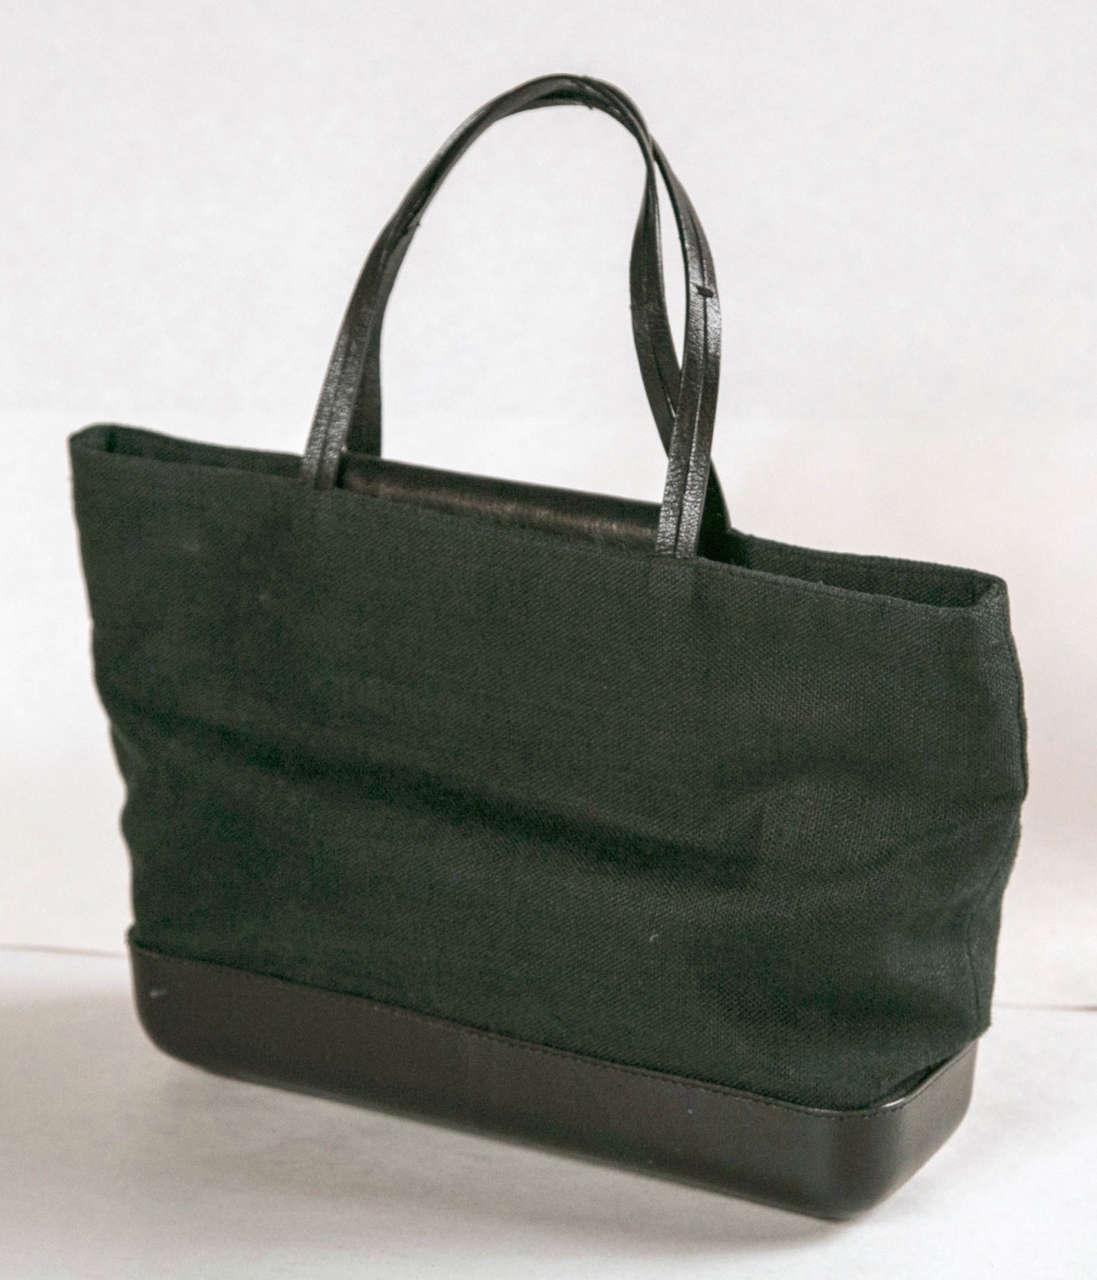 Limited Bottega Veneta handbag presented by funky finders 4